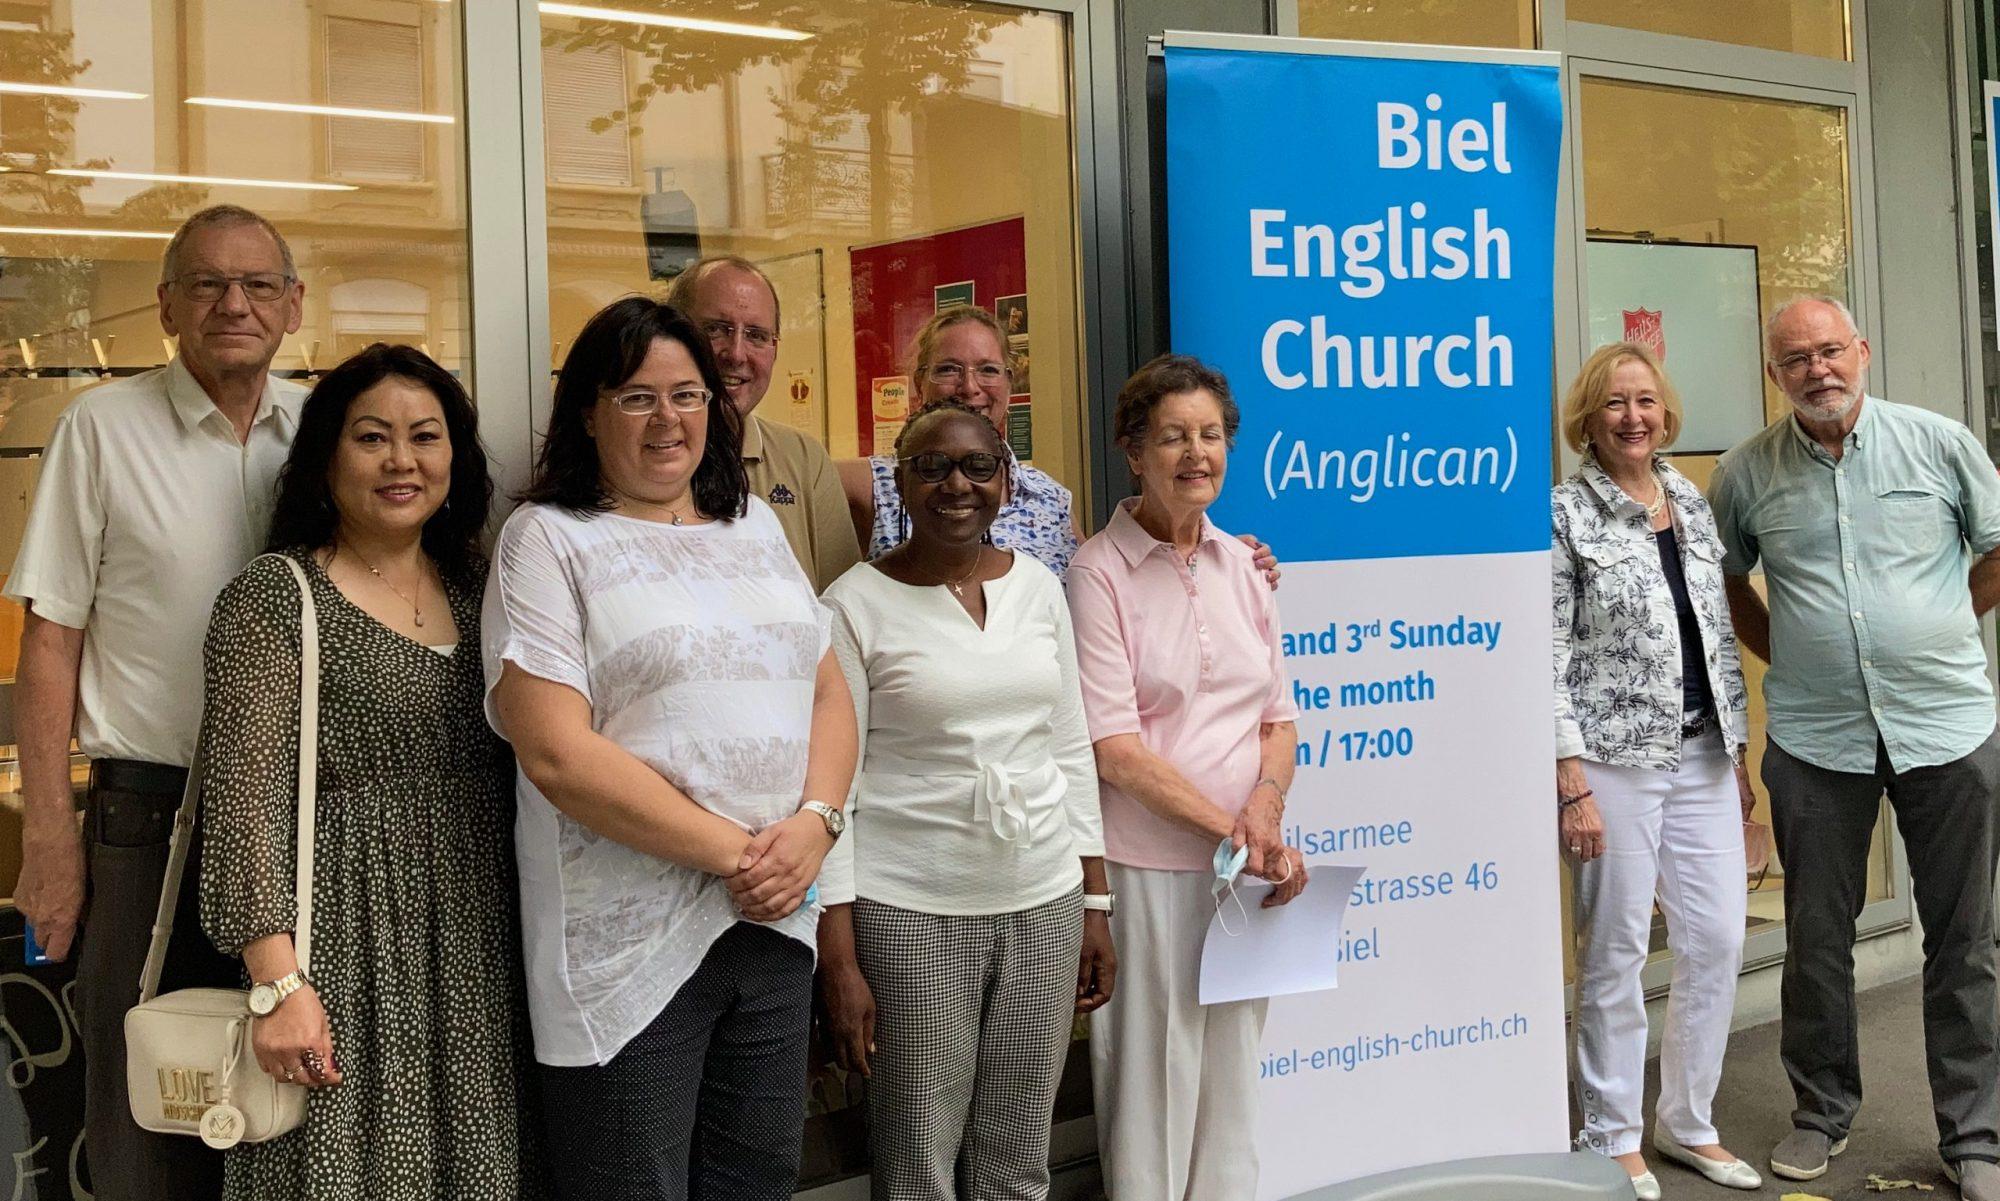 Biel English Church